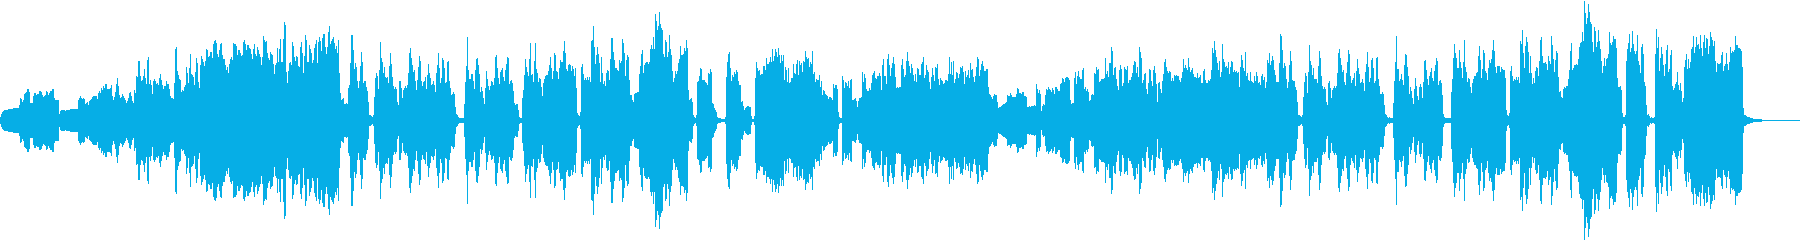 穏やかな木管五重奏の再生済みの波形